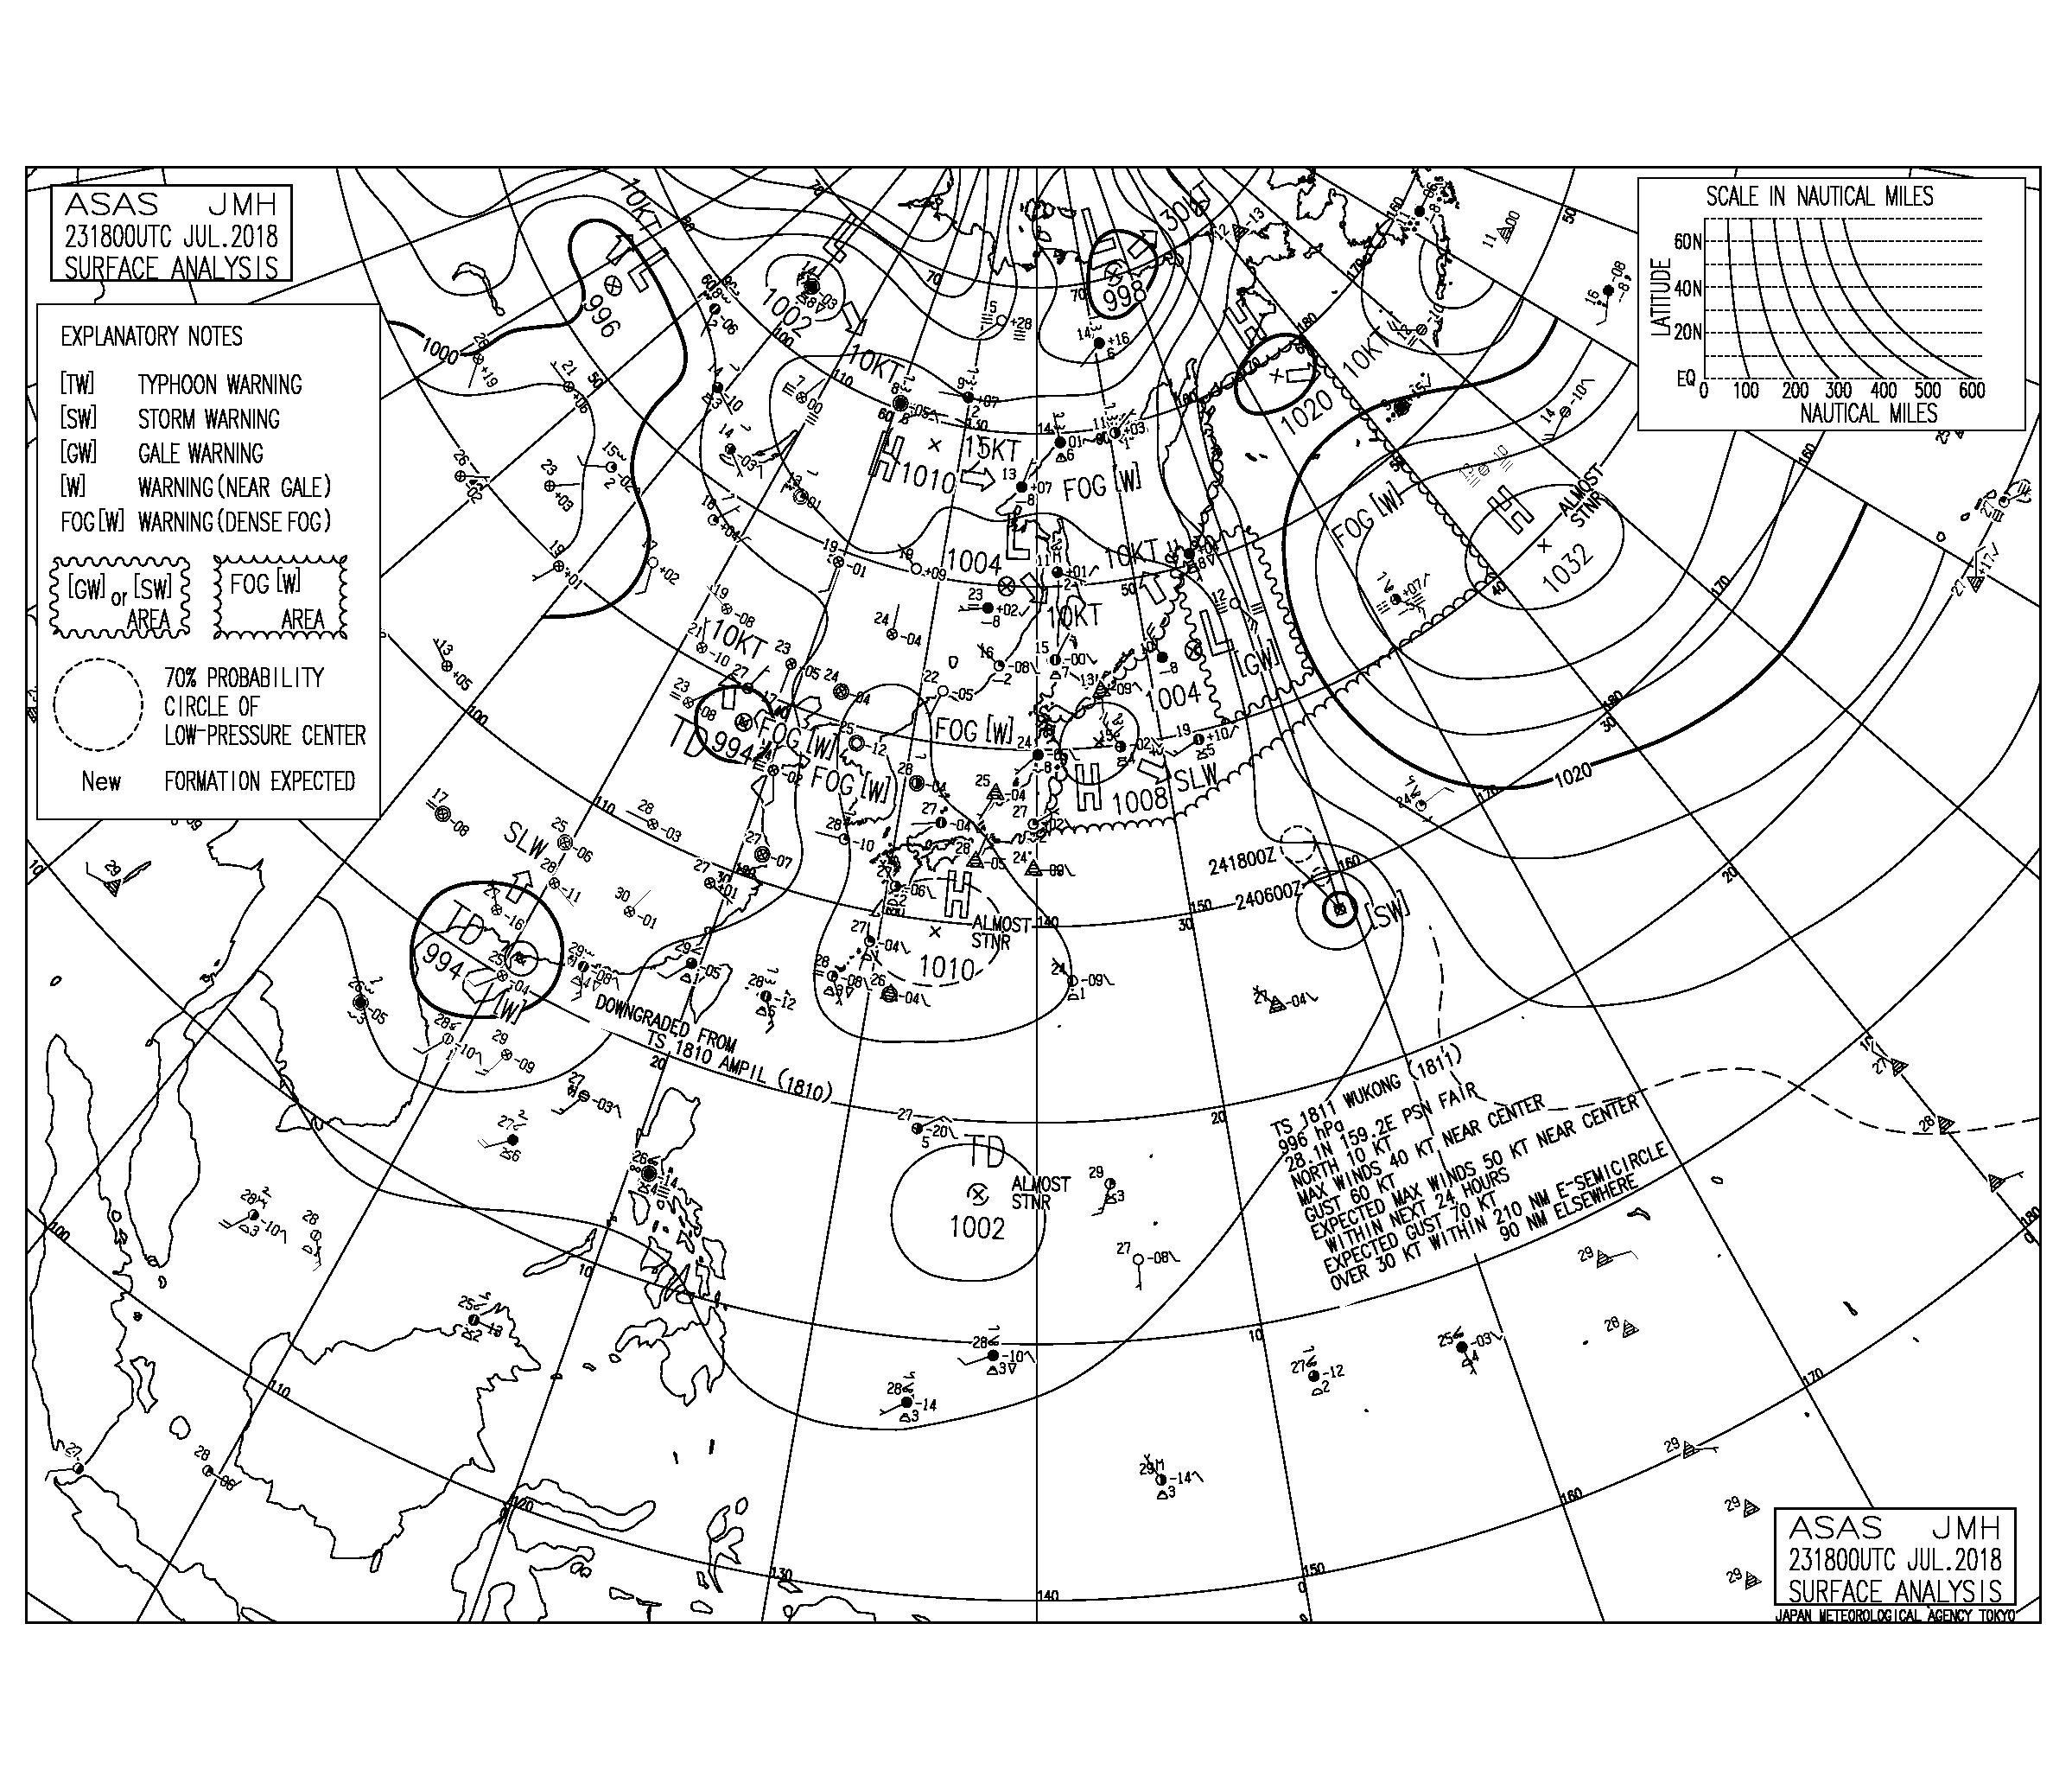 7/24 3:00 ASAS昨日は熊谷で41.1度を観測し今までの最高気温を更新した。ア…